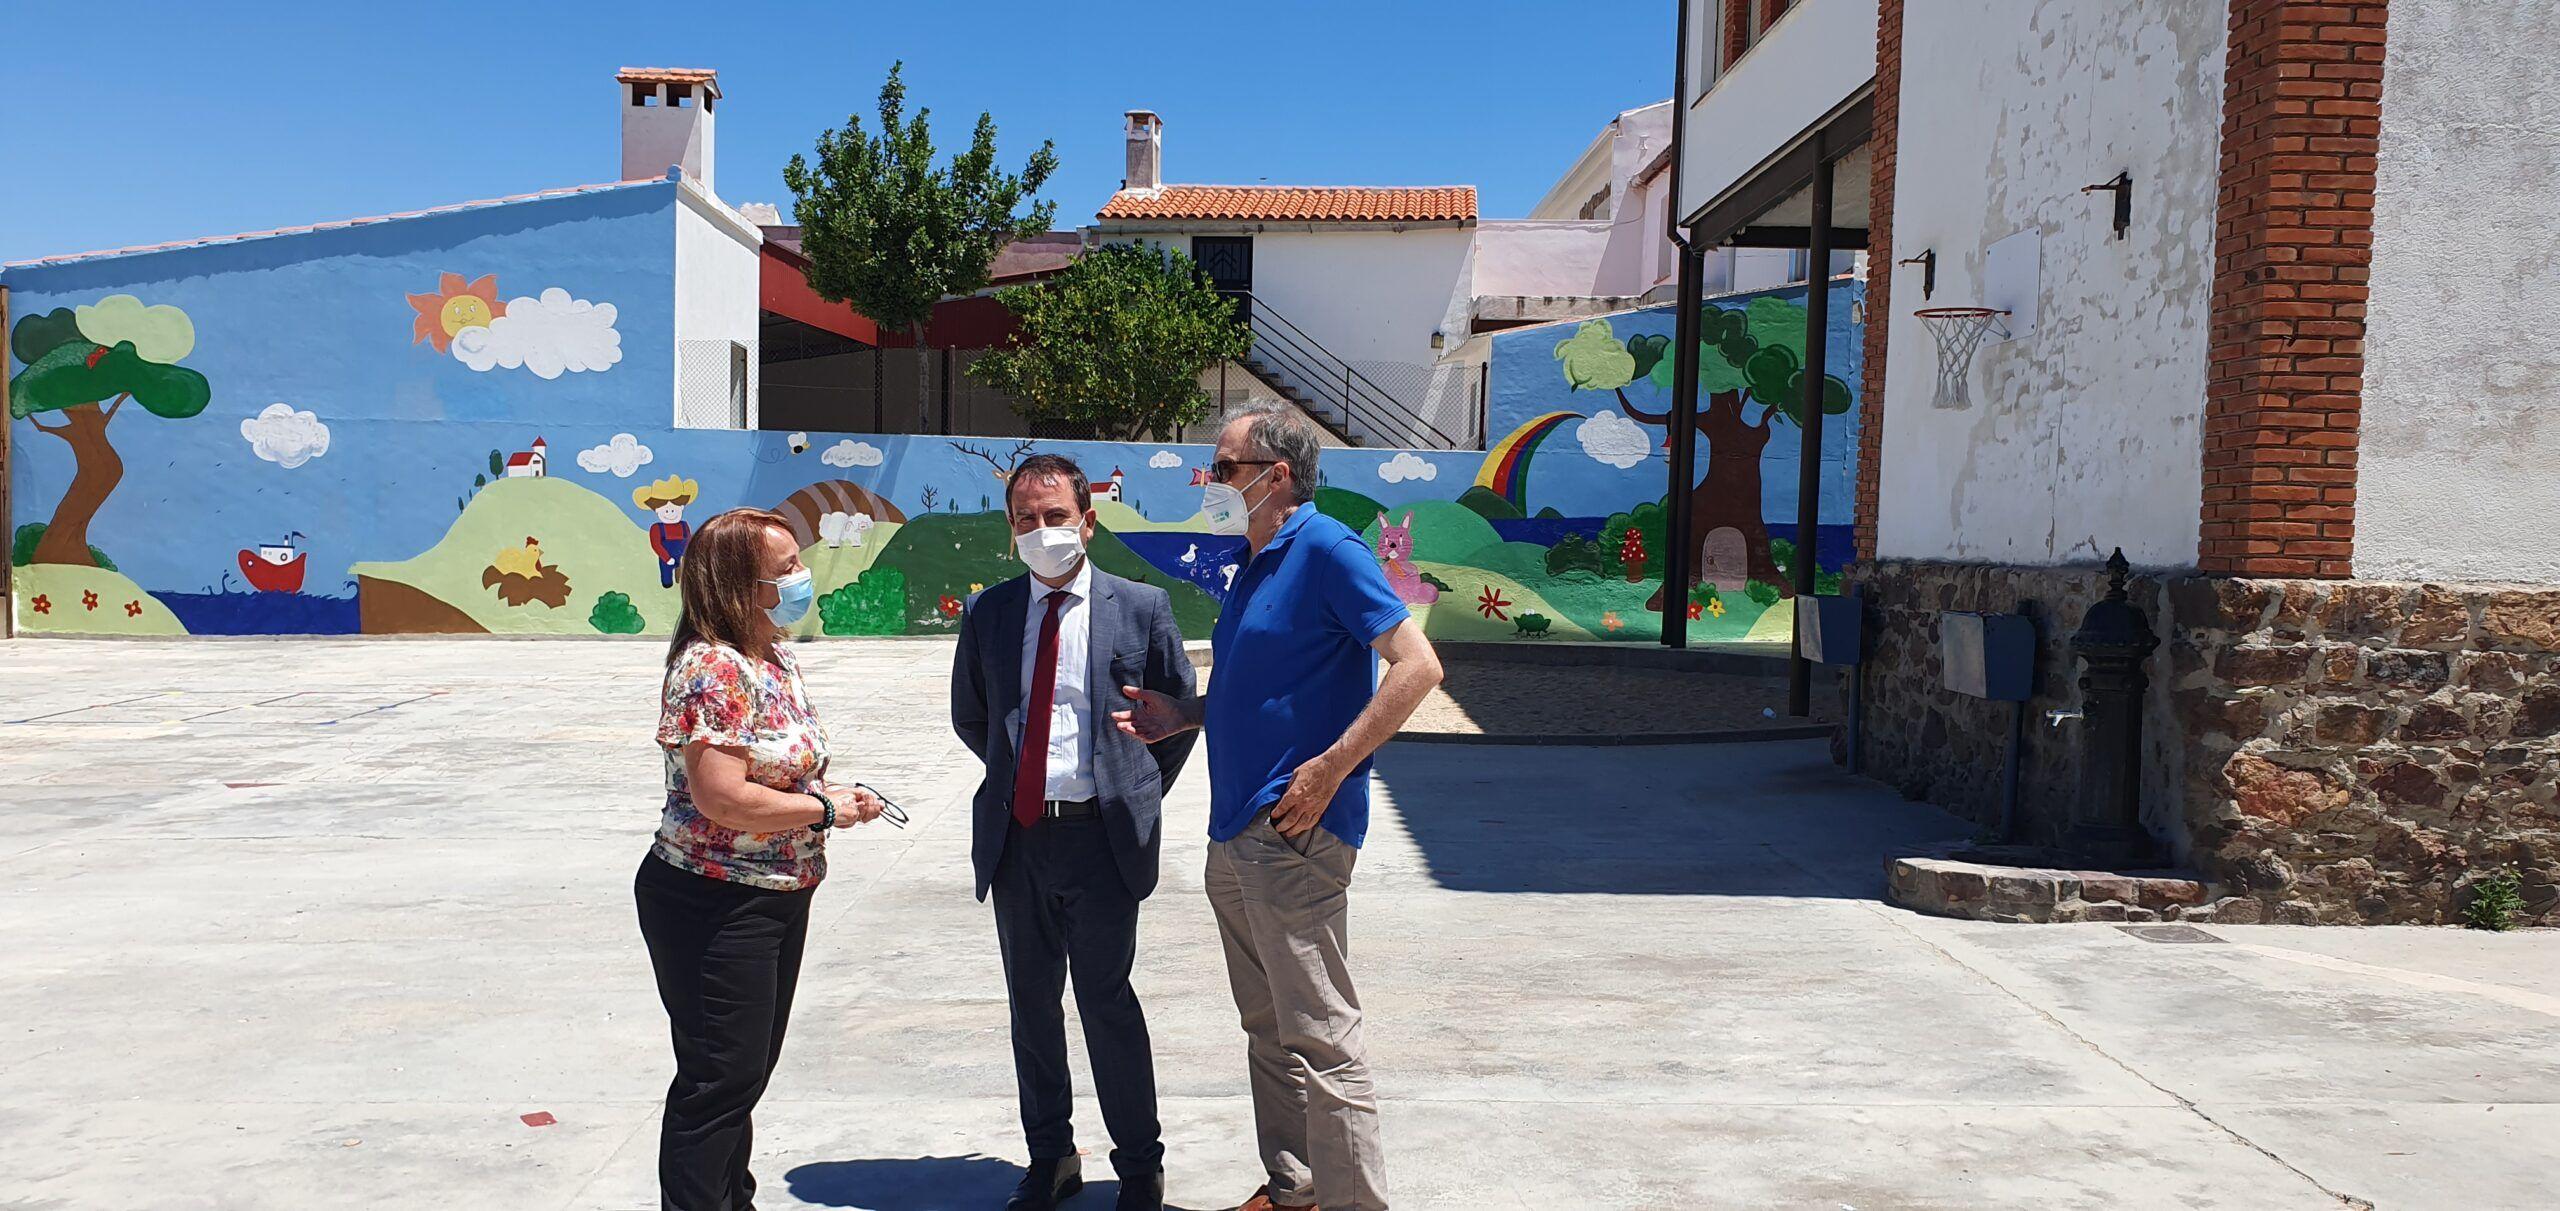 El Gobierno regional invertirá 20.000 euros para adecuar los espacios exteriores del CEIP `Nuestra Señora del Amor de Dios´ de La Nava de Ricomalillo